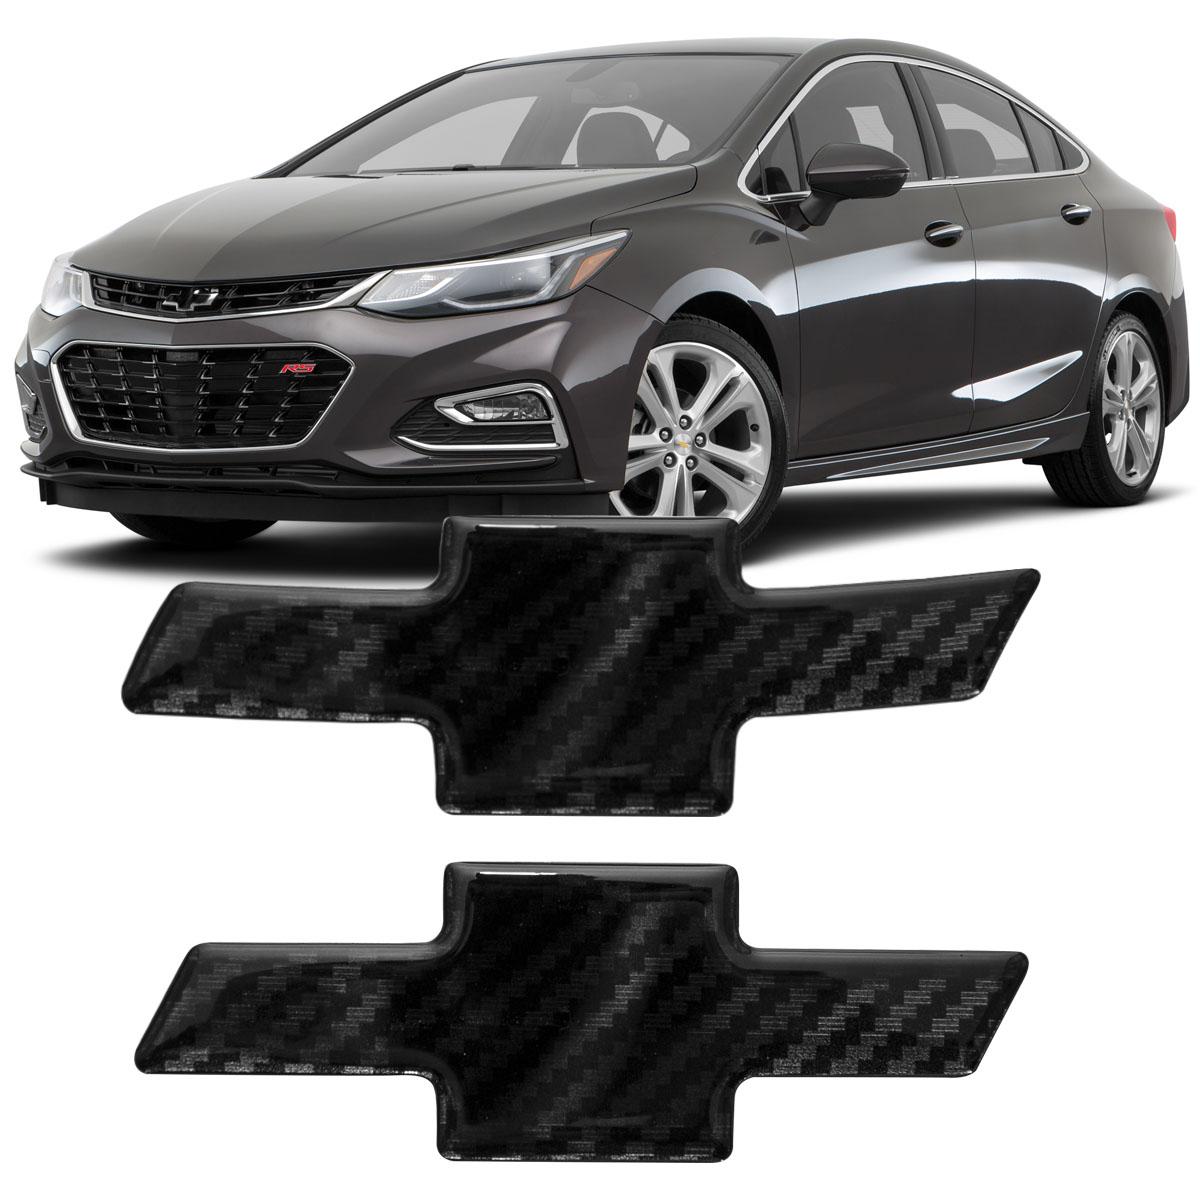 Par Adesívo Emblema Resinado Carbono Gm Cruze Sedan 2017